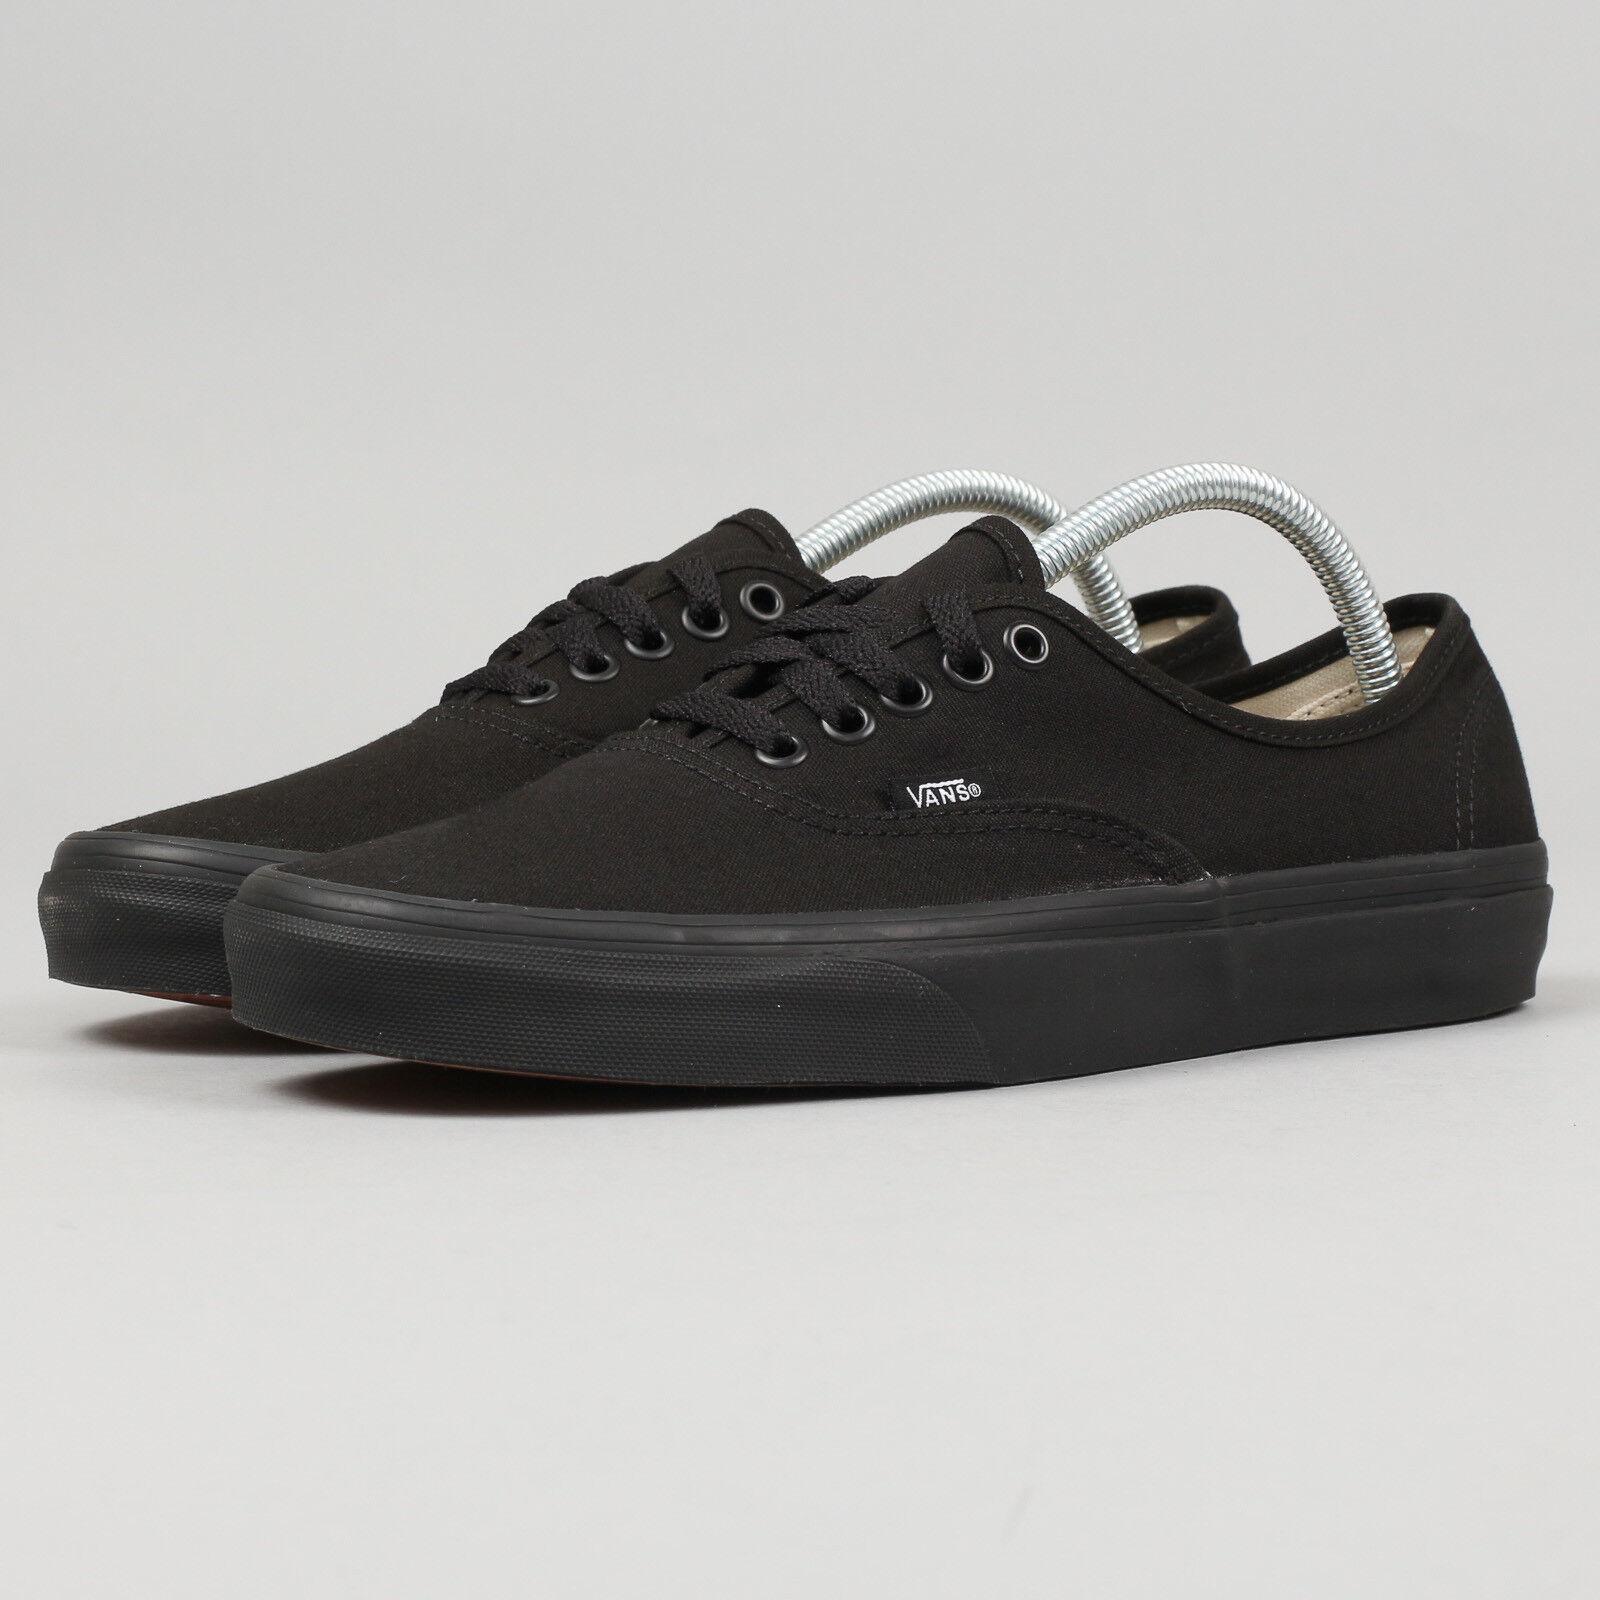 Vans Authentic noir / noir EU 42, Männer, Schwarz, VEE3BKA